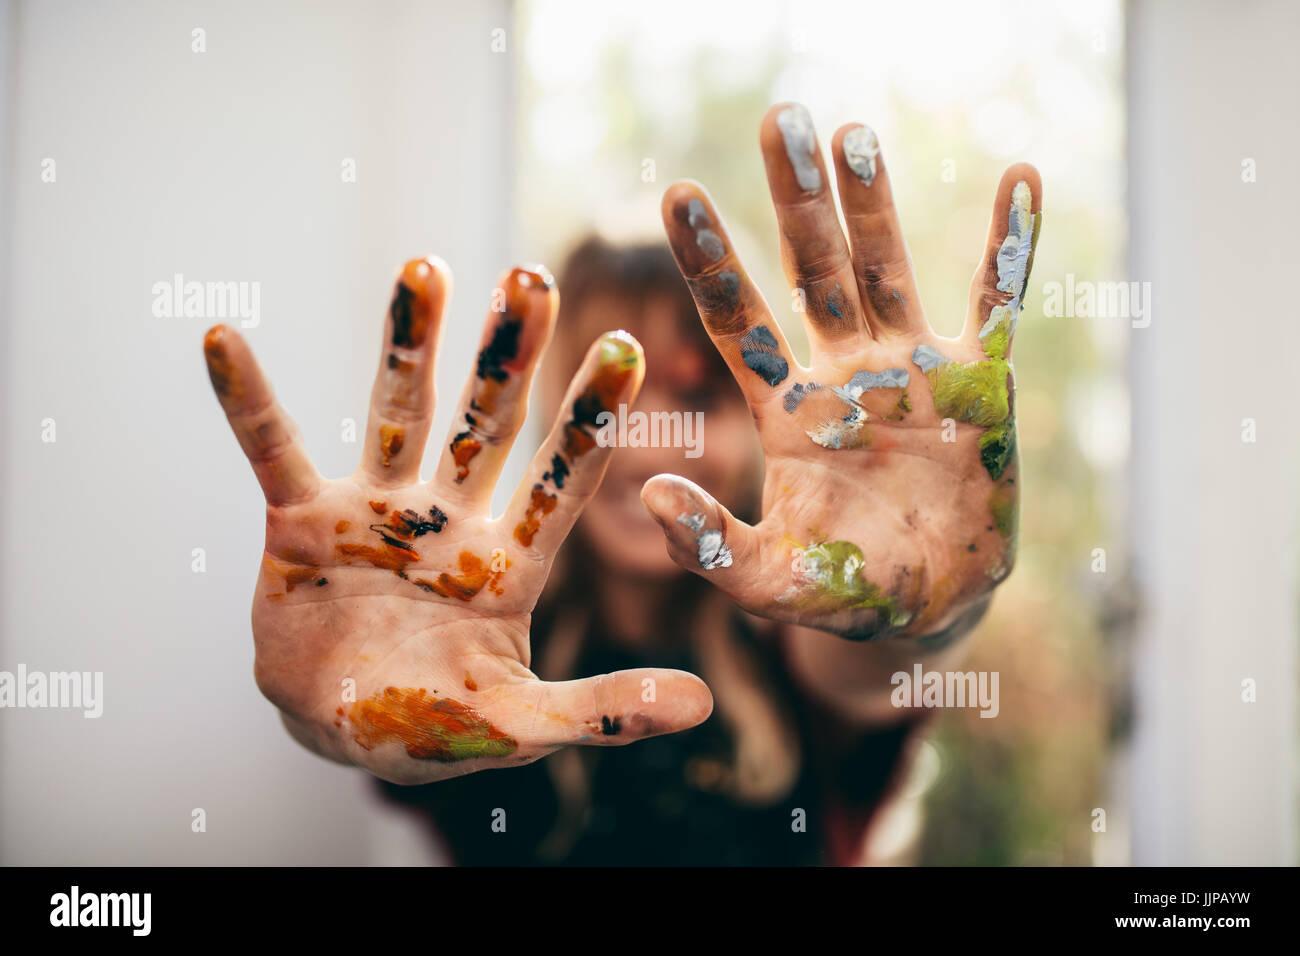 Cerca de artista femenina mostrando sus manos desordenado. Concentrarse en manos de mujer pintor con color. Imagen De Stock